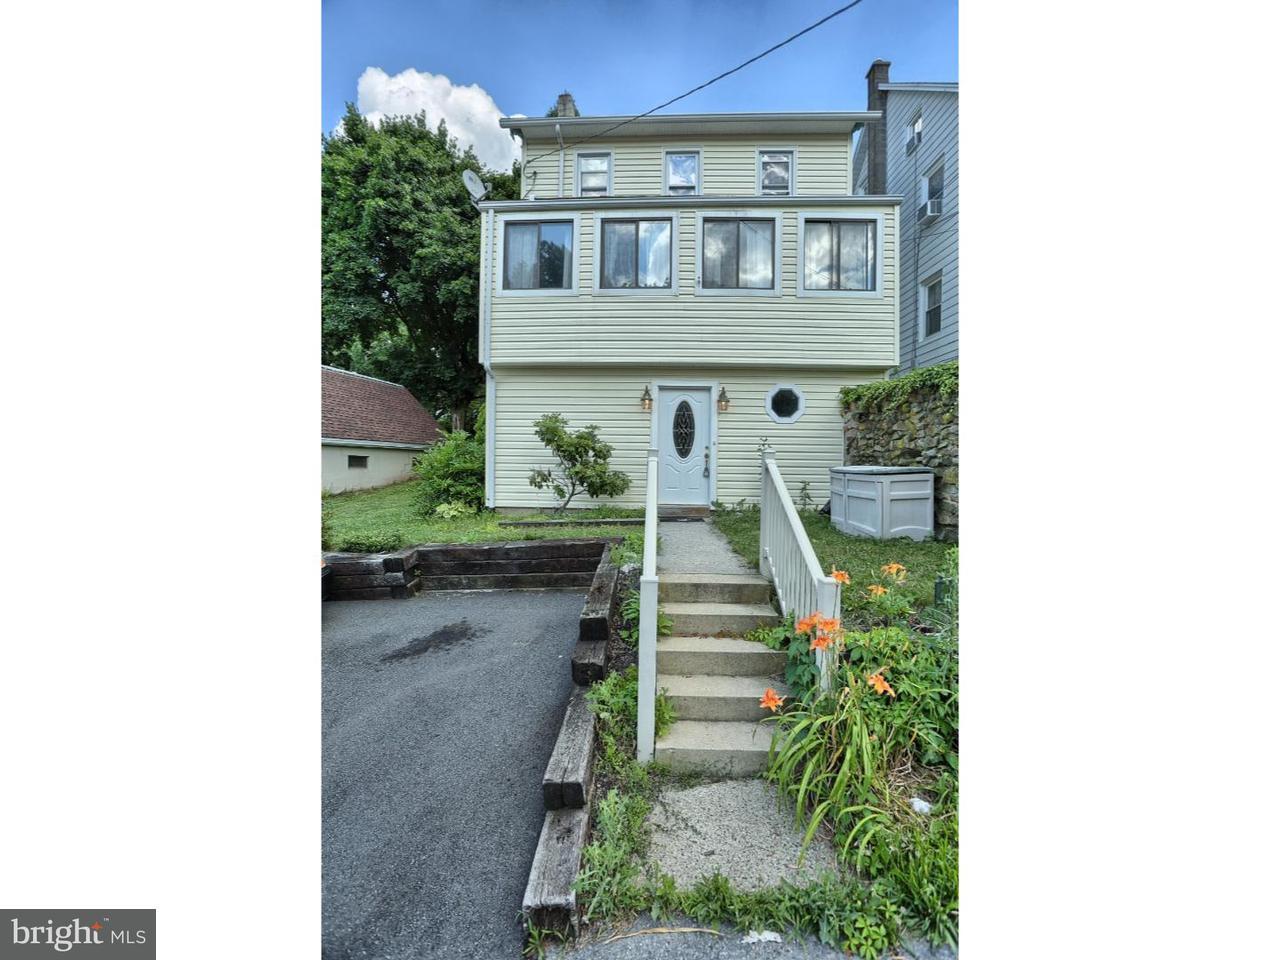 Частный односемейный дом для того Аренда на 826 SCENIC Drive Mohnton, Пенсильвания 19540 Соединенные Штаты